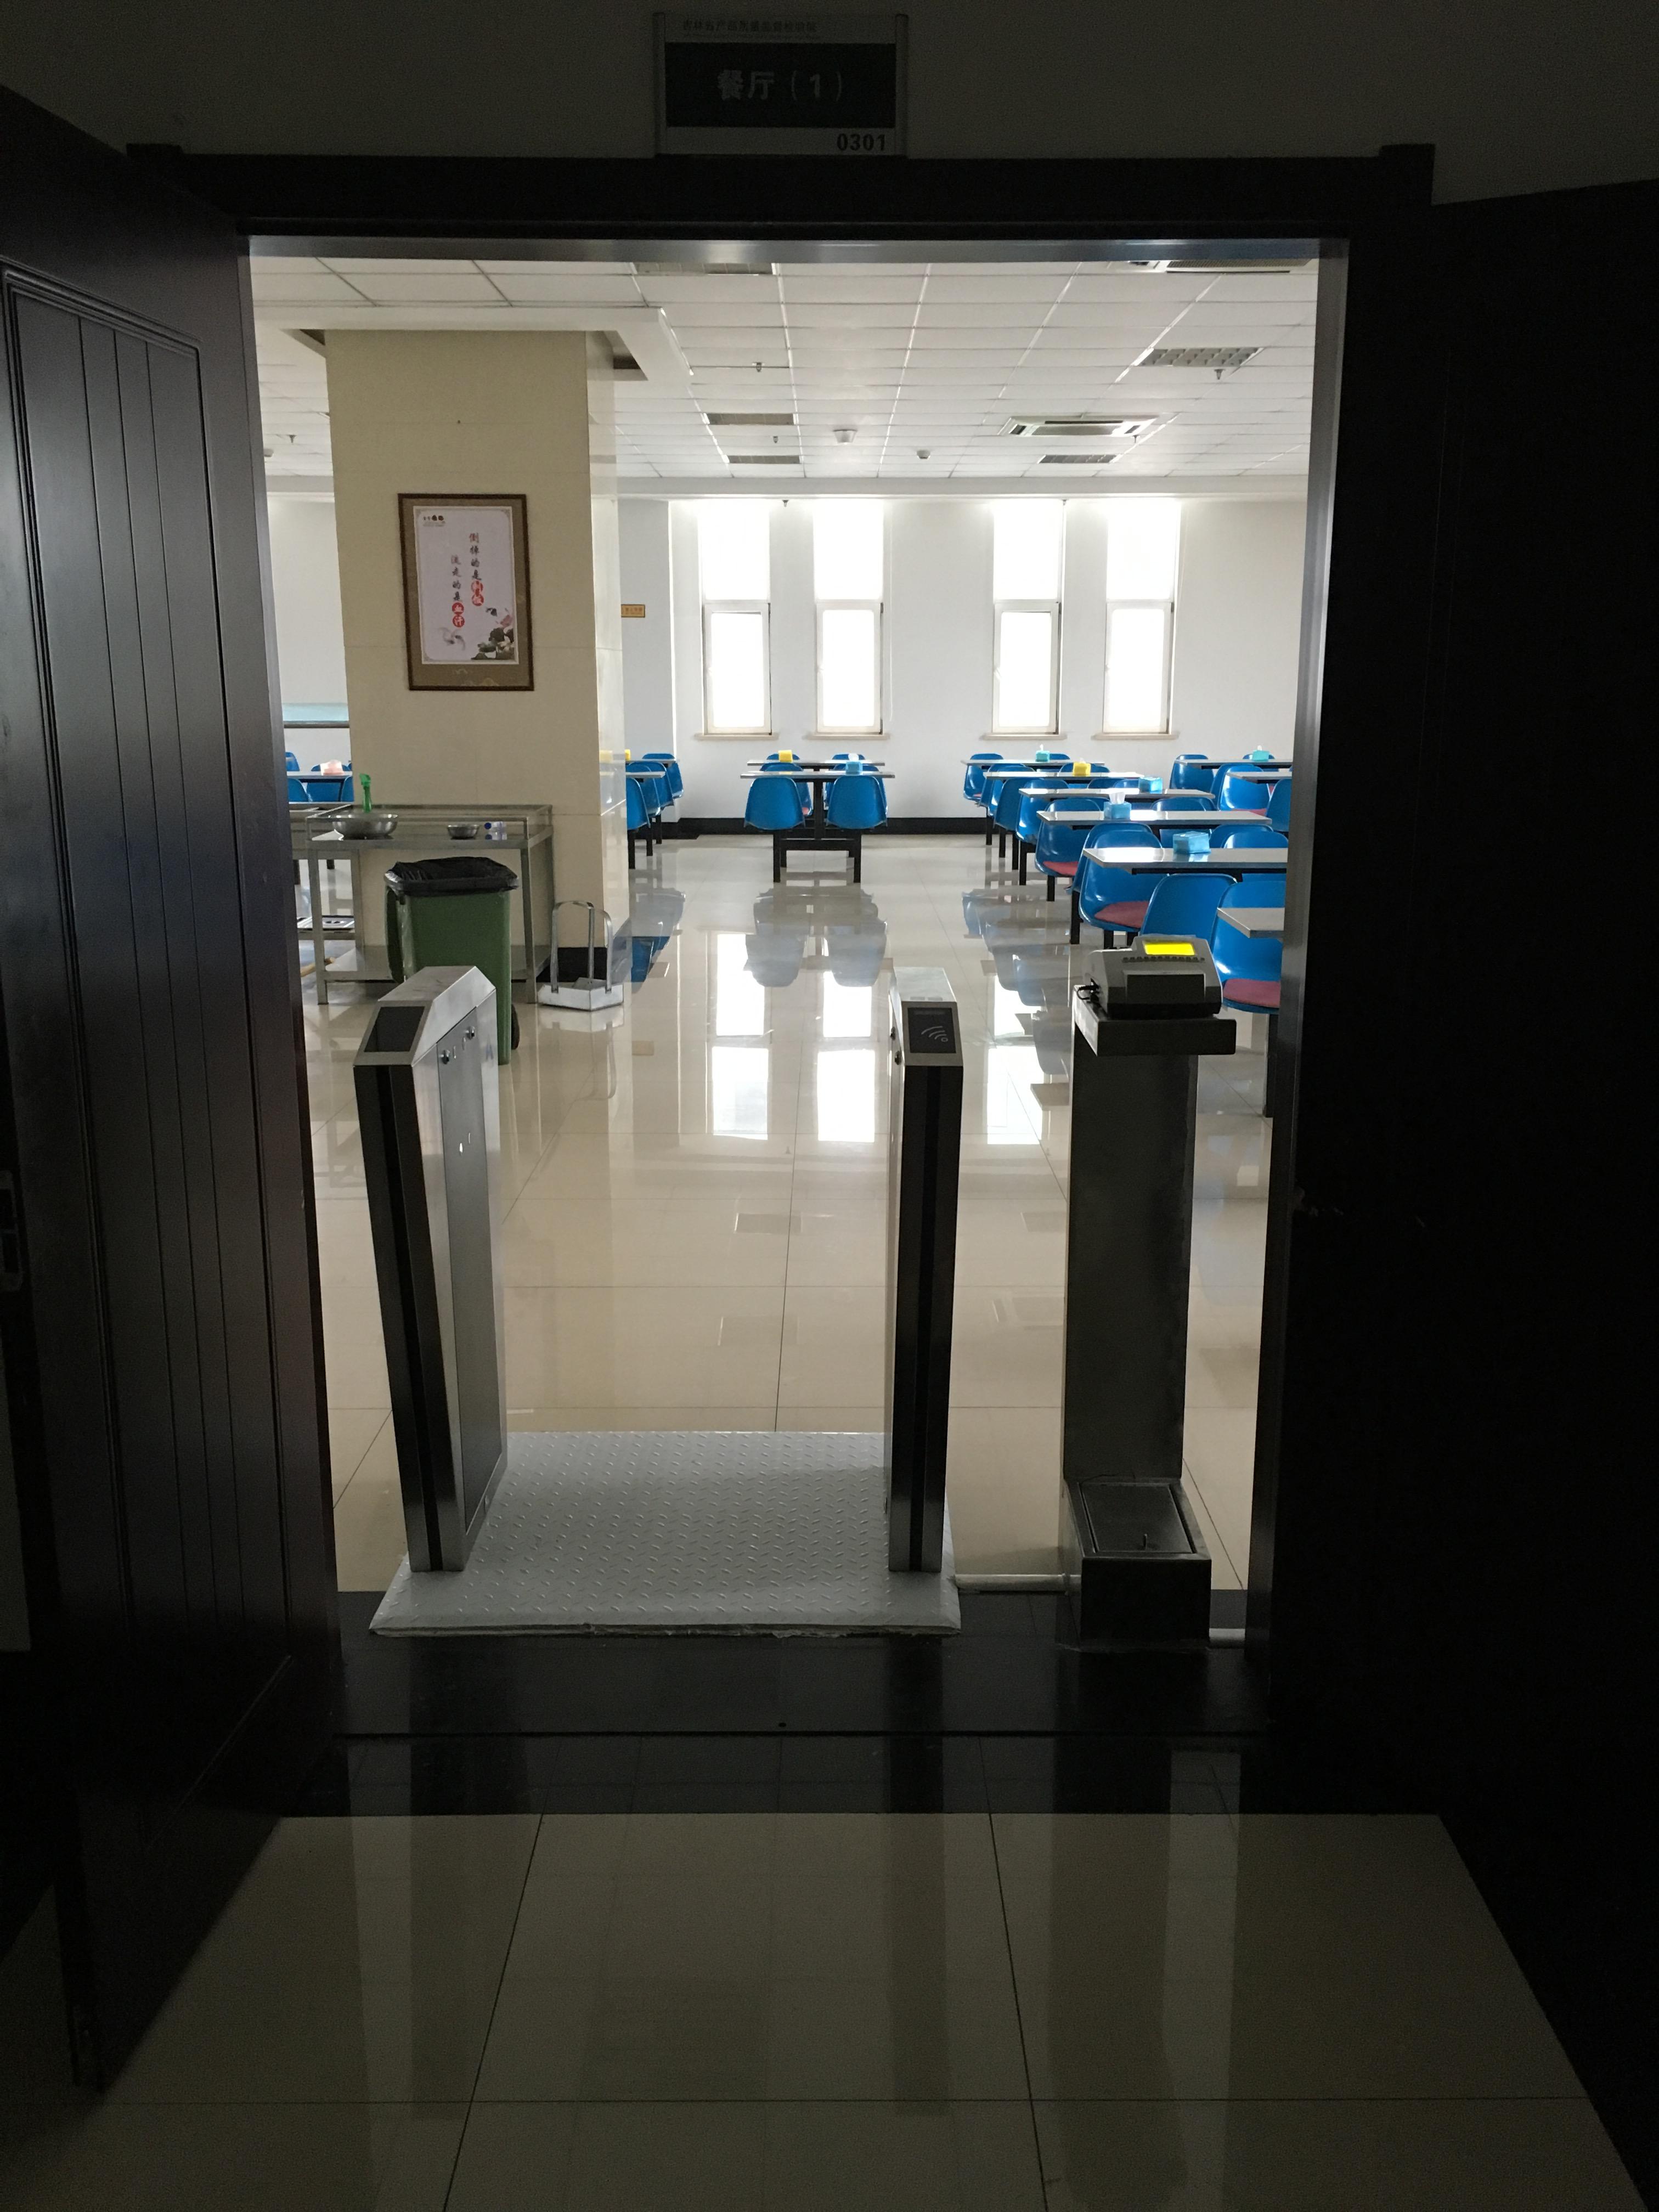 吉林省标准研究院食堂无障碍消费系统